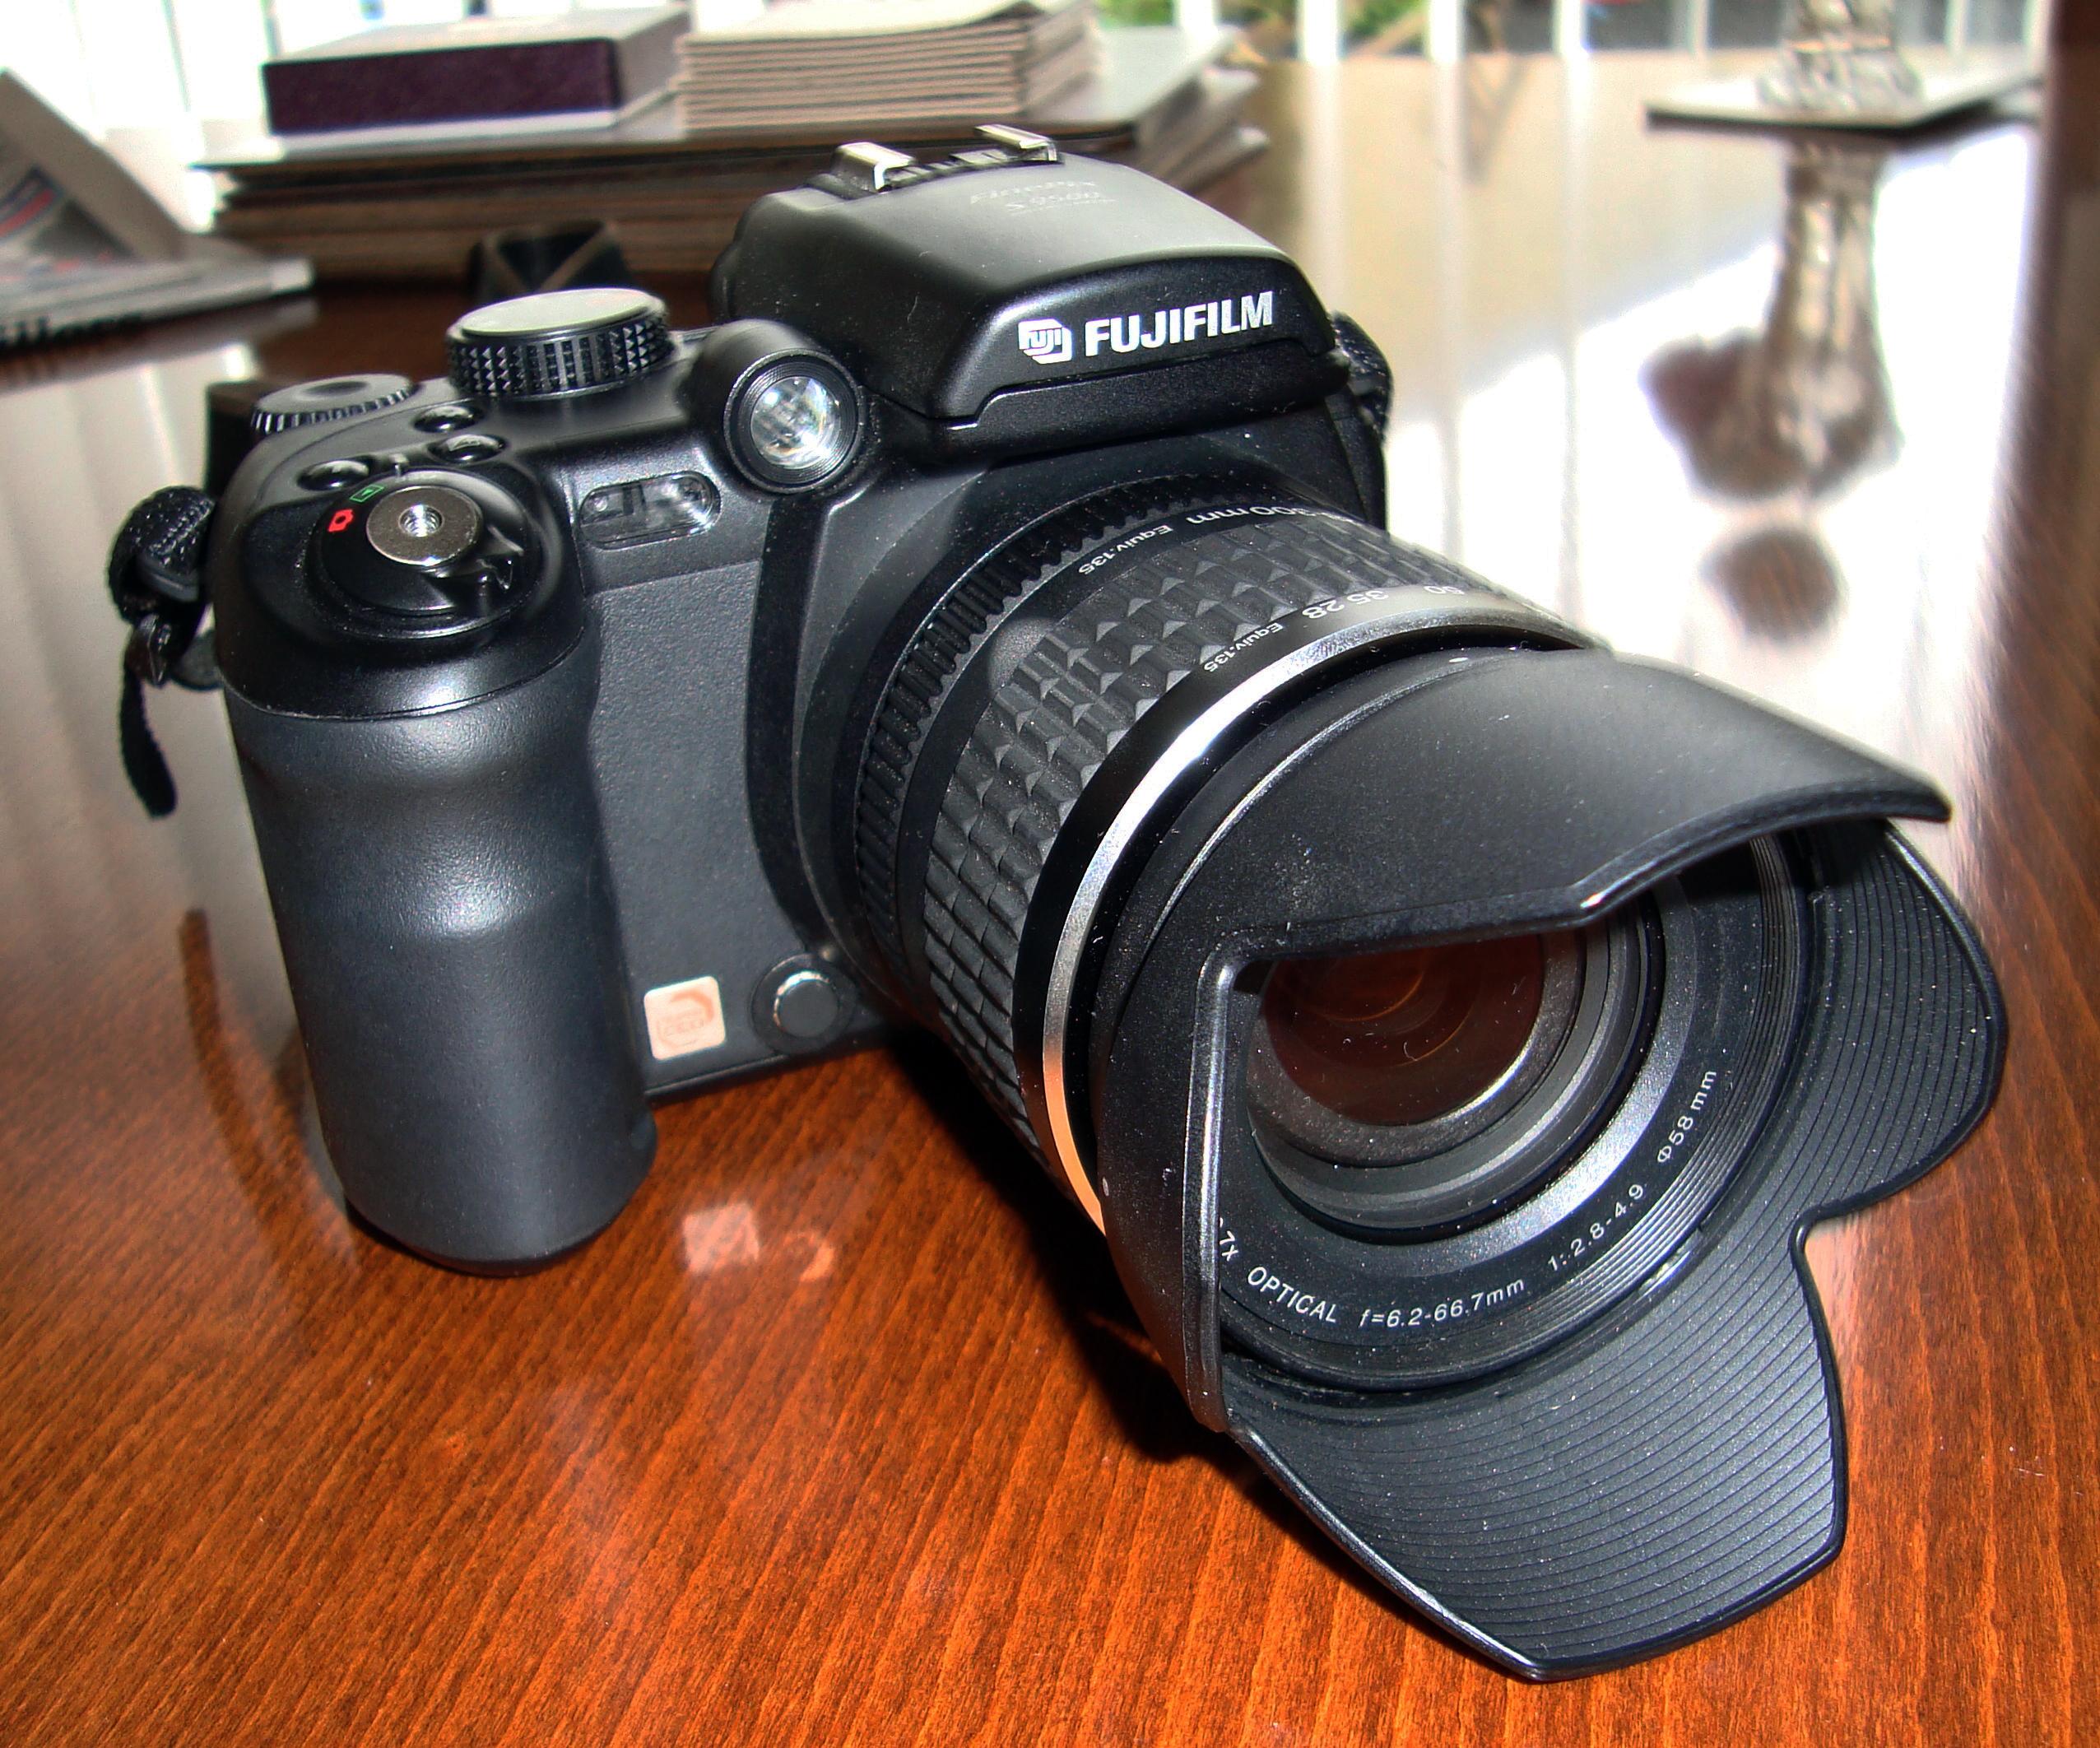 Fujifilm FinePix S9500 Camera Driver UPDATE